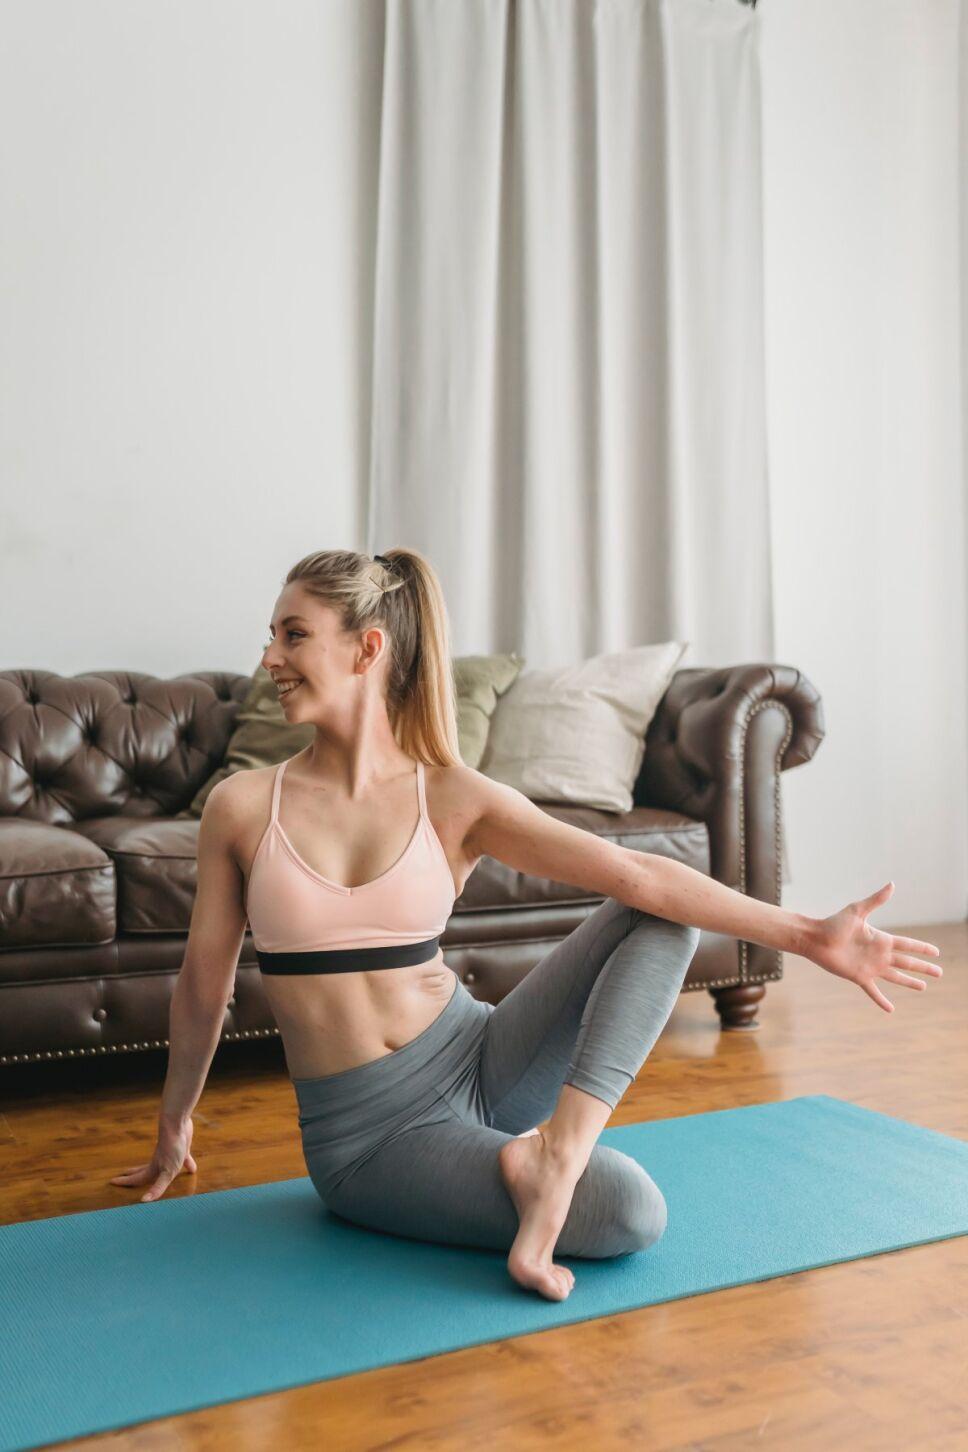 Hacer ejercicio durante el periodo